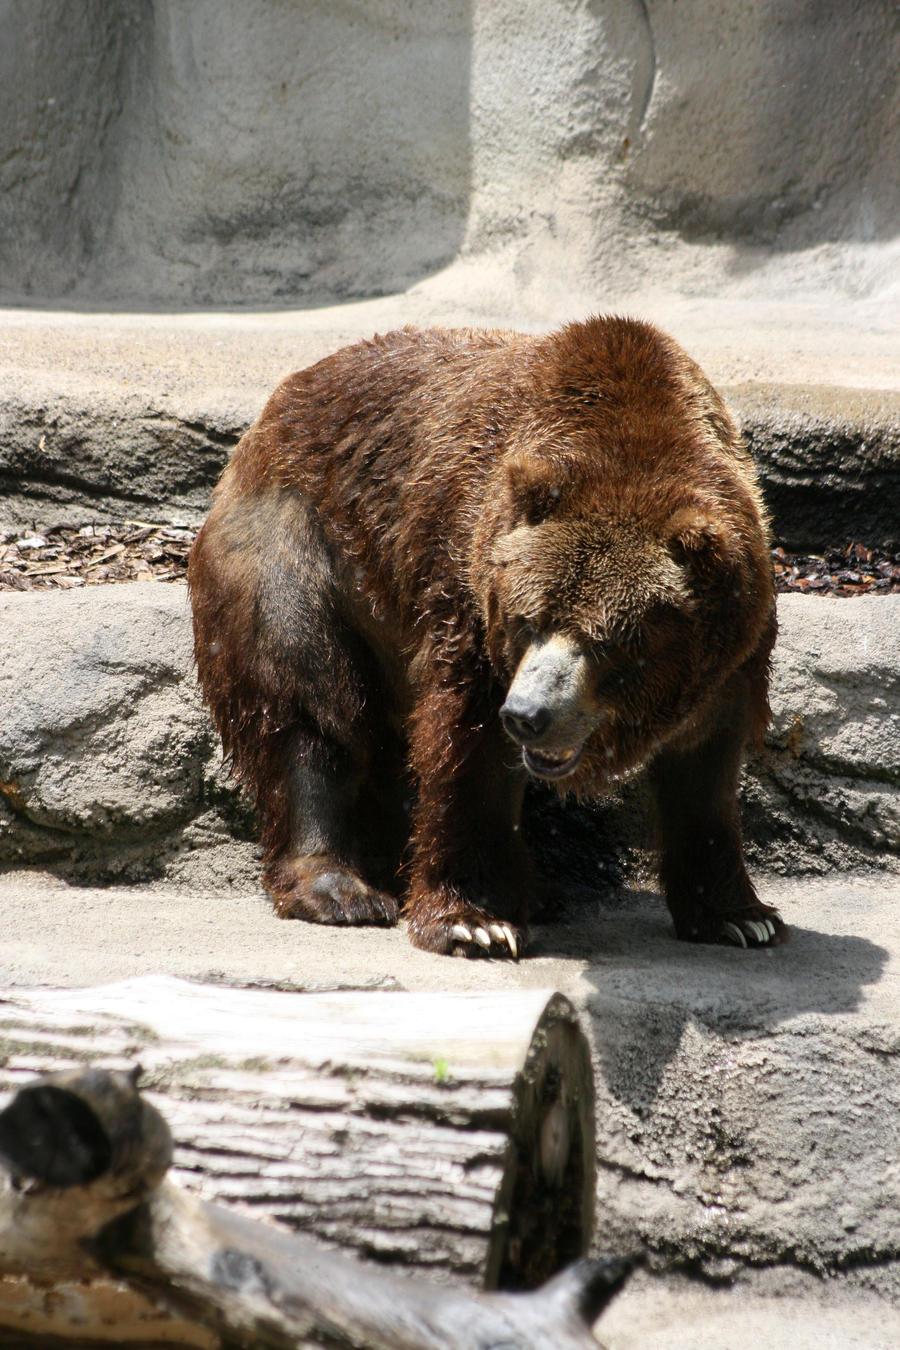 Bear stock by lostxtearz-stock